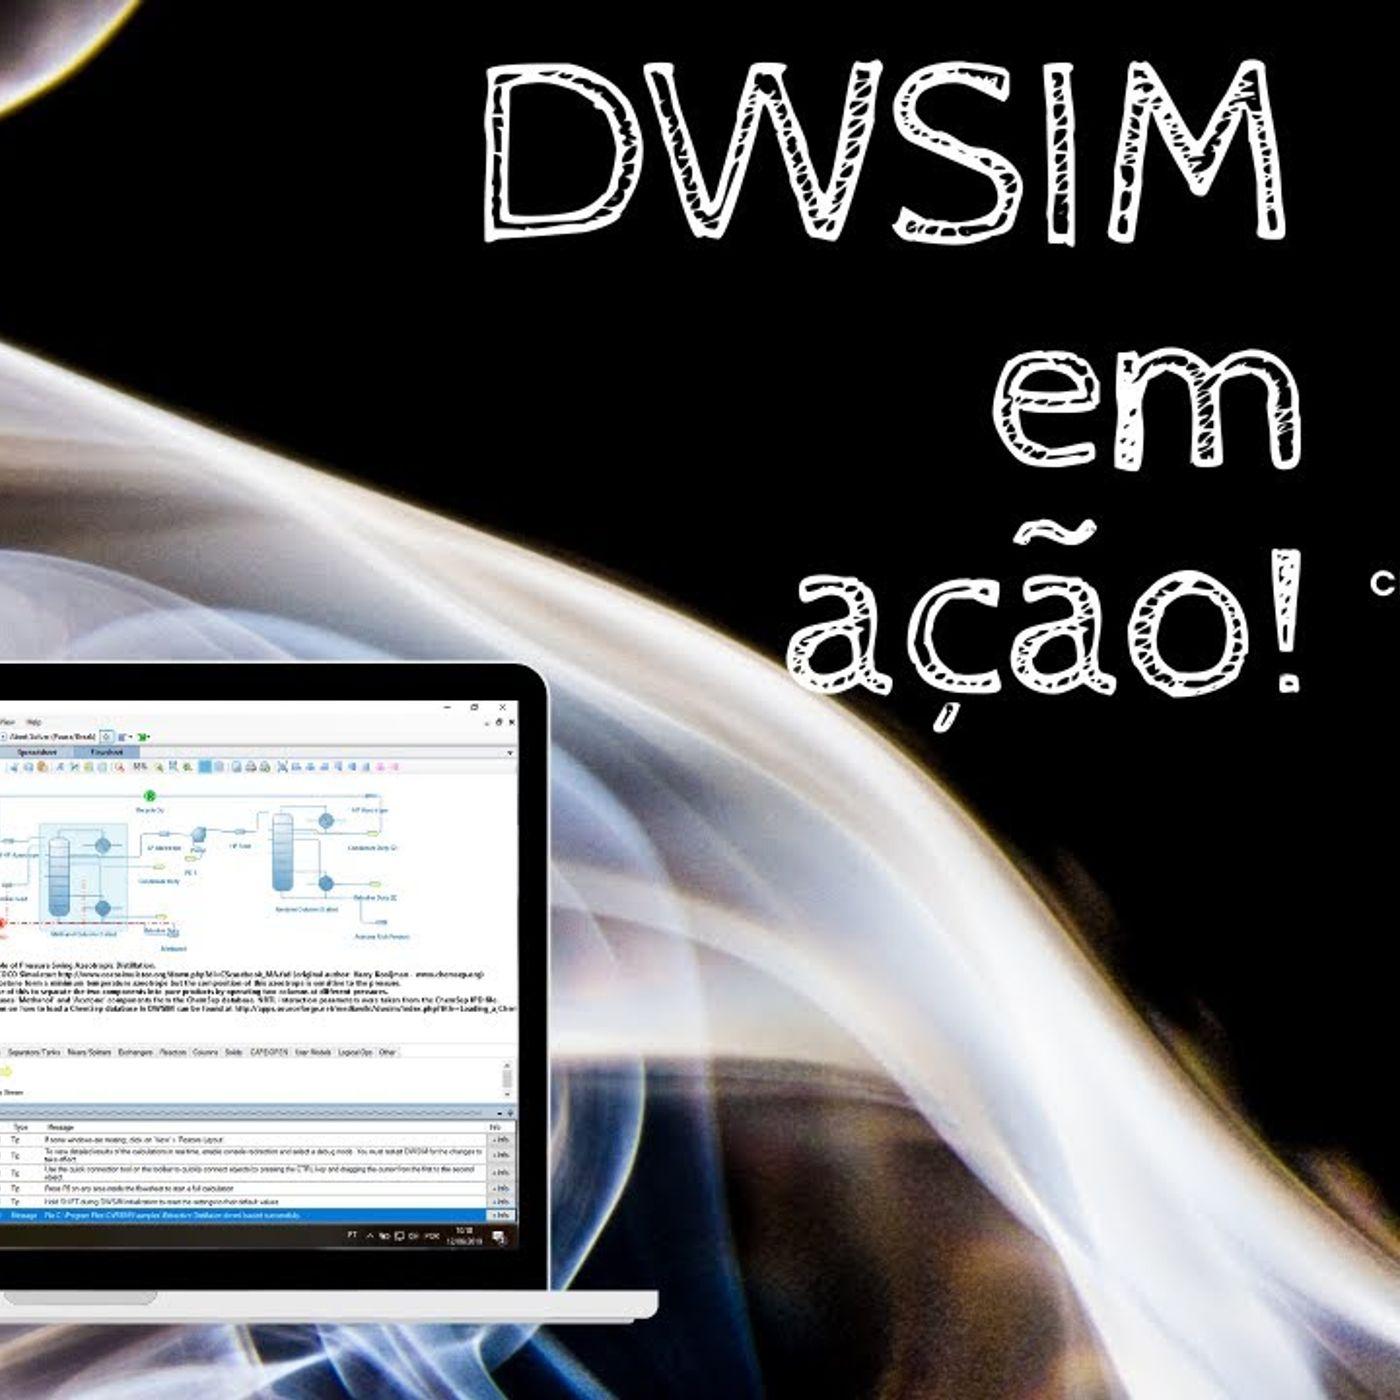 EP08 - DWSIM em Ação! Um bate-papo sensacional com Daniel Medeiros, criador do DWSIM!